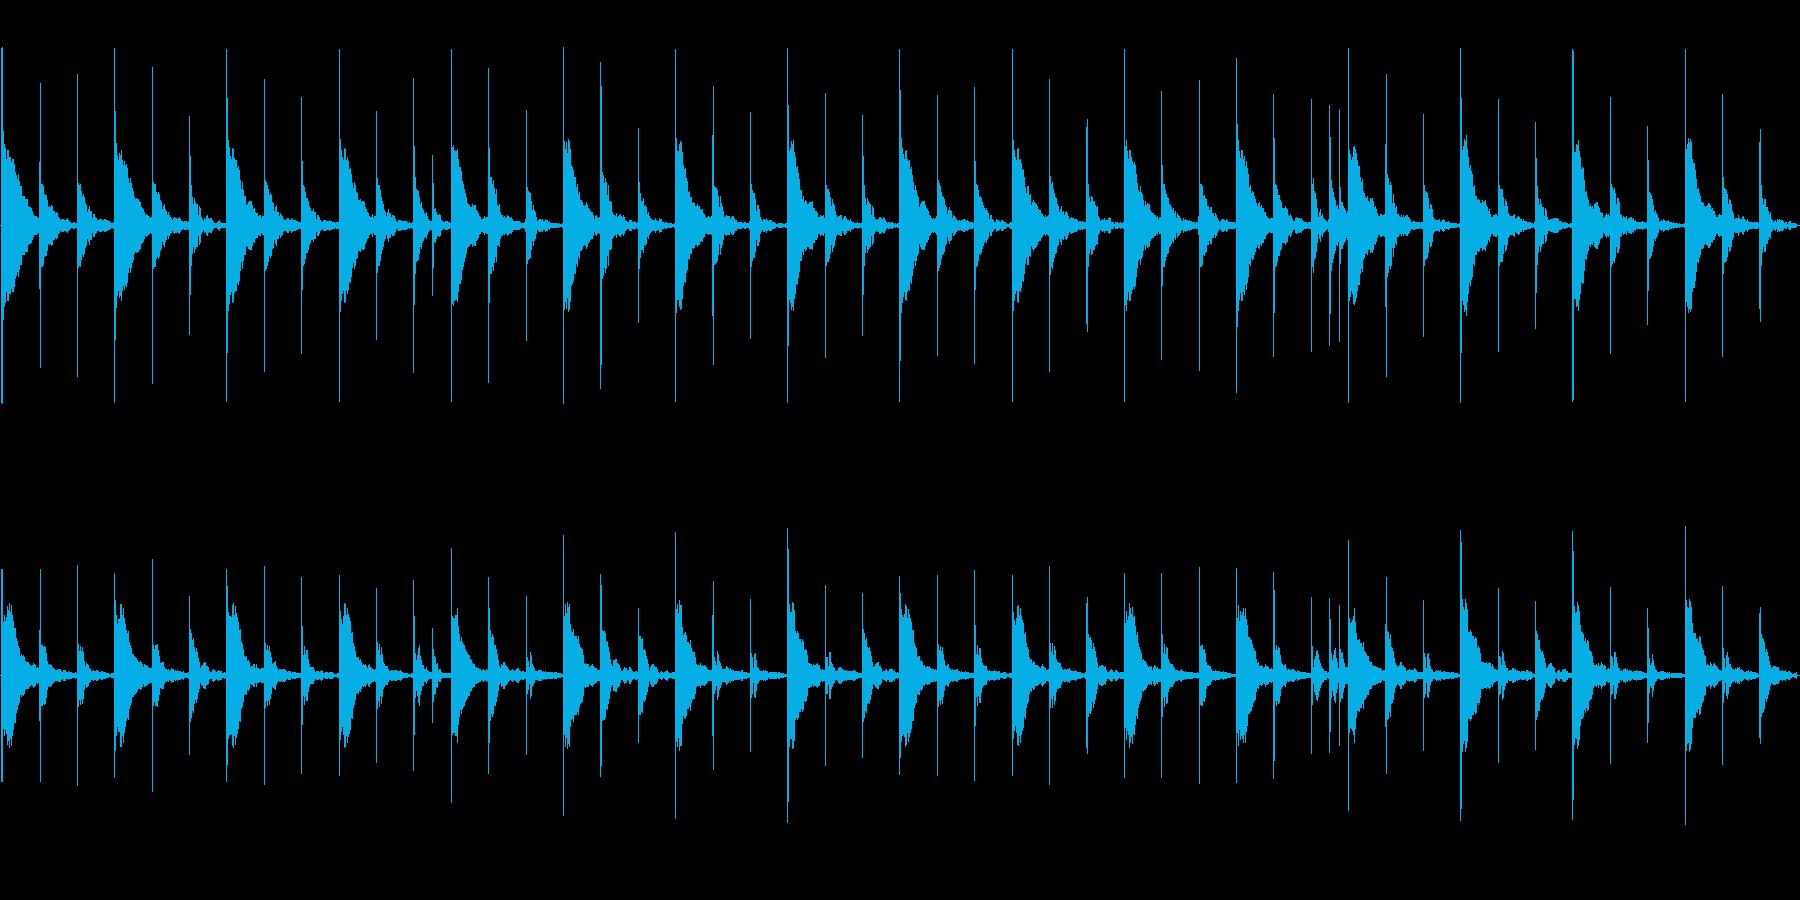 マリンバの静かな雰囲気。3拍子の再生済みの波形